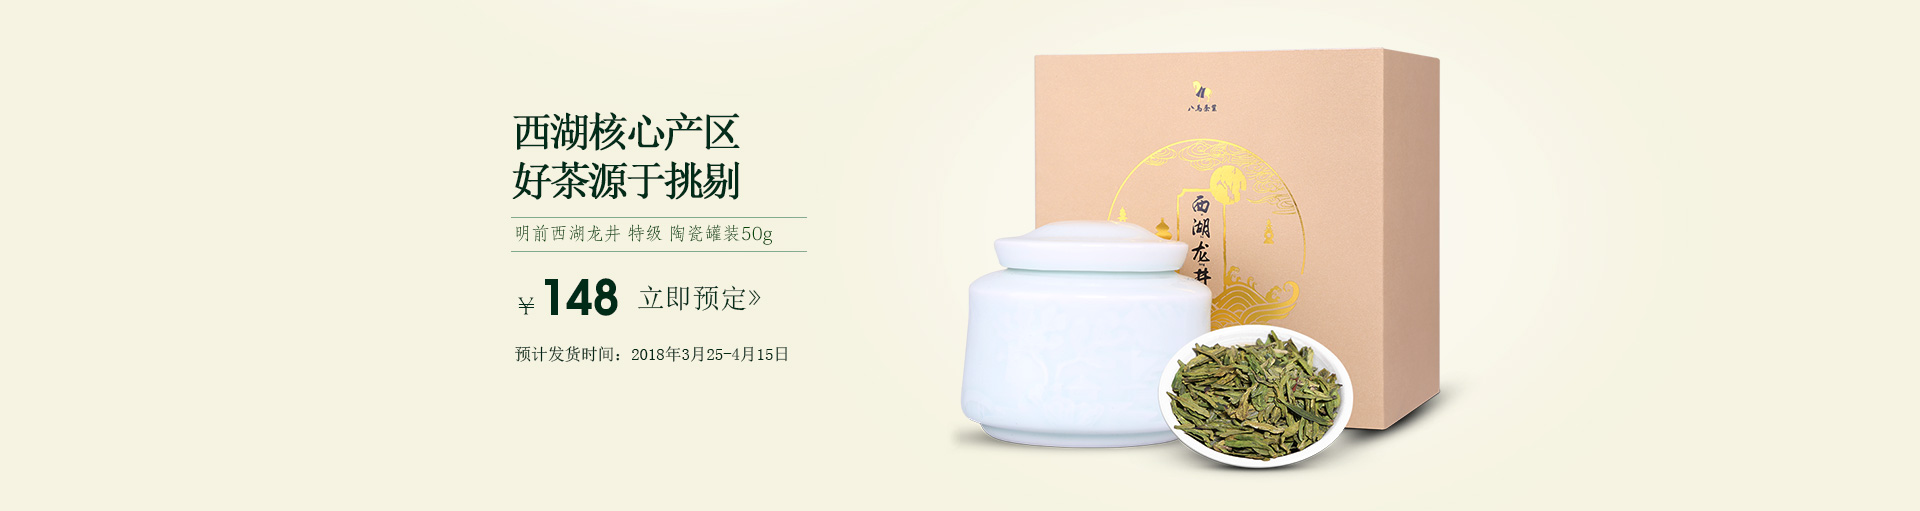 绿茶预售_05